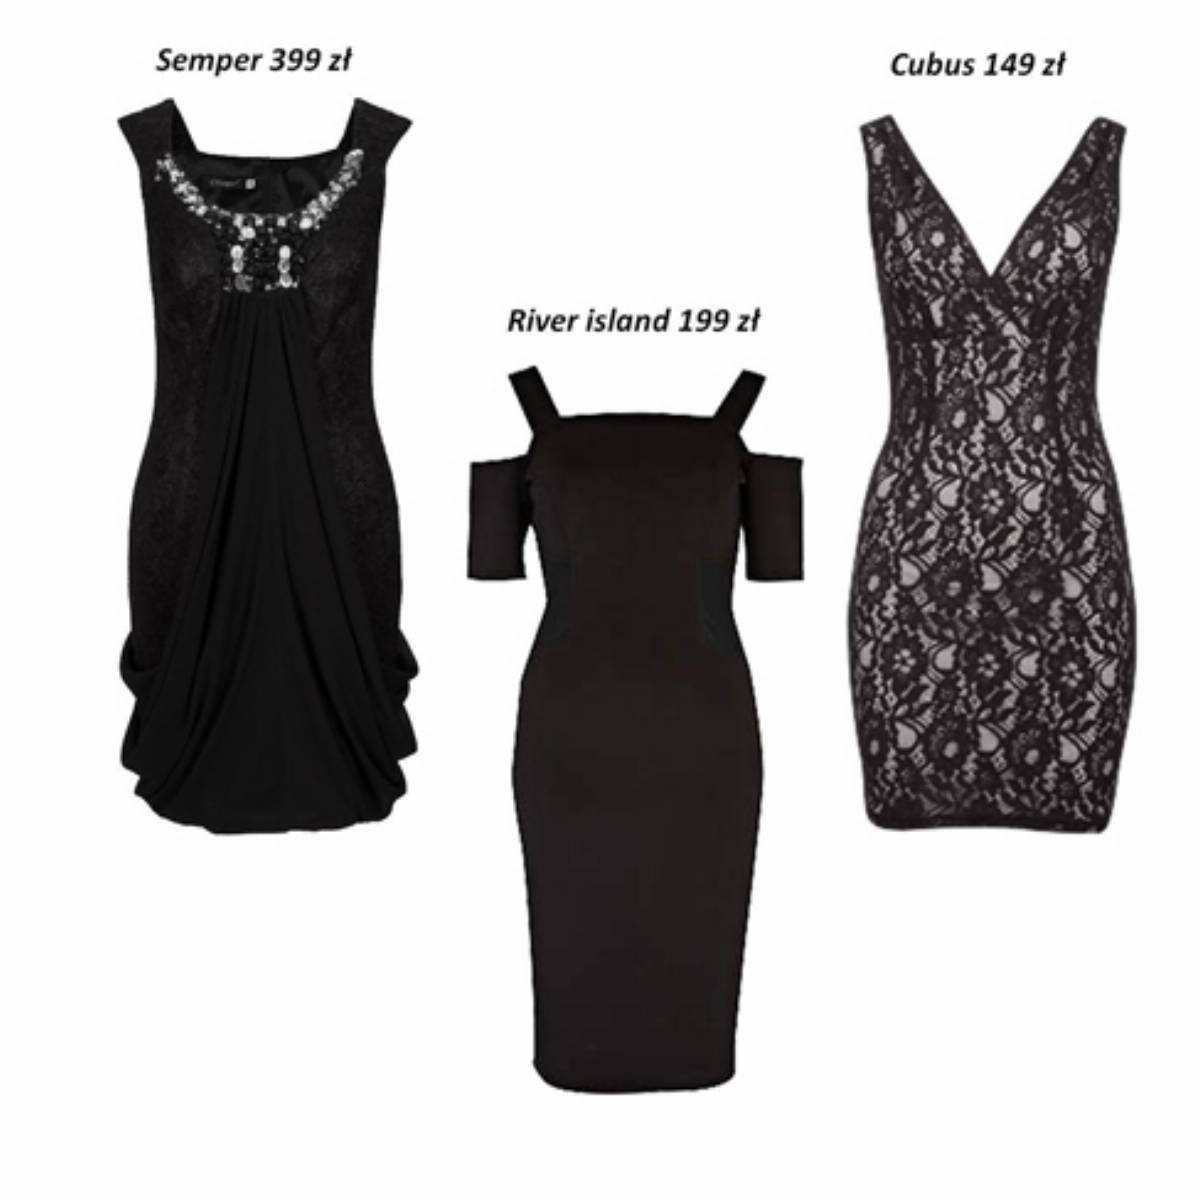 sukienki na studniówkę, studniówka 2012, jak się ubrać na studniówkę, mała czarna na studniówkę, mała czarna